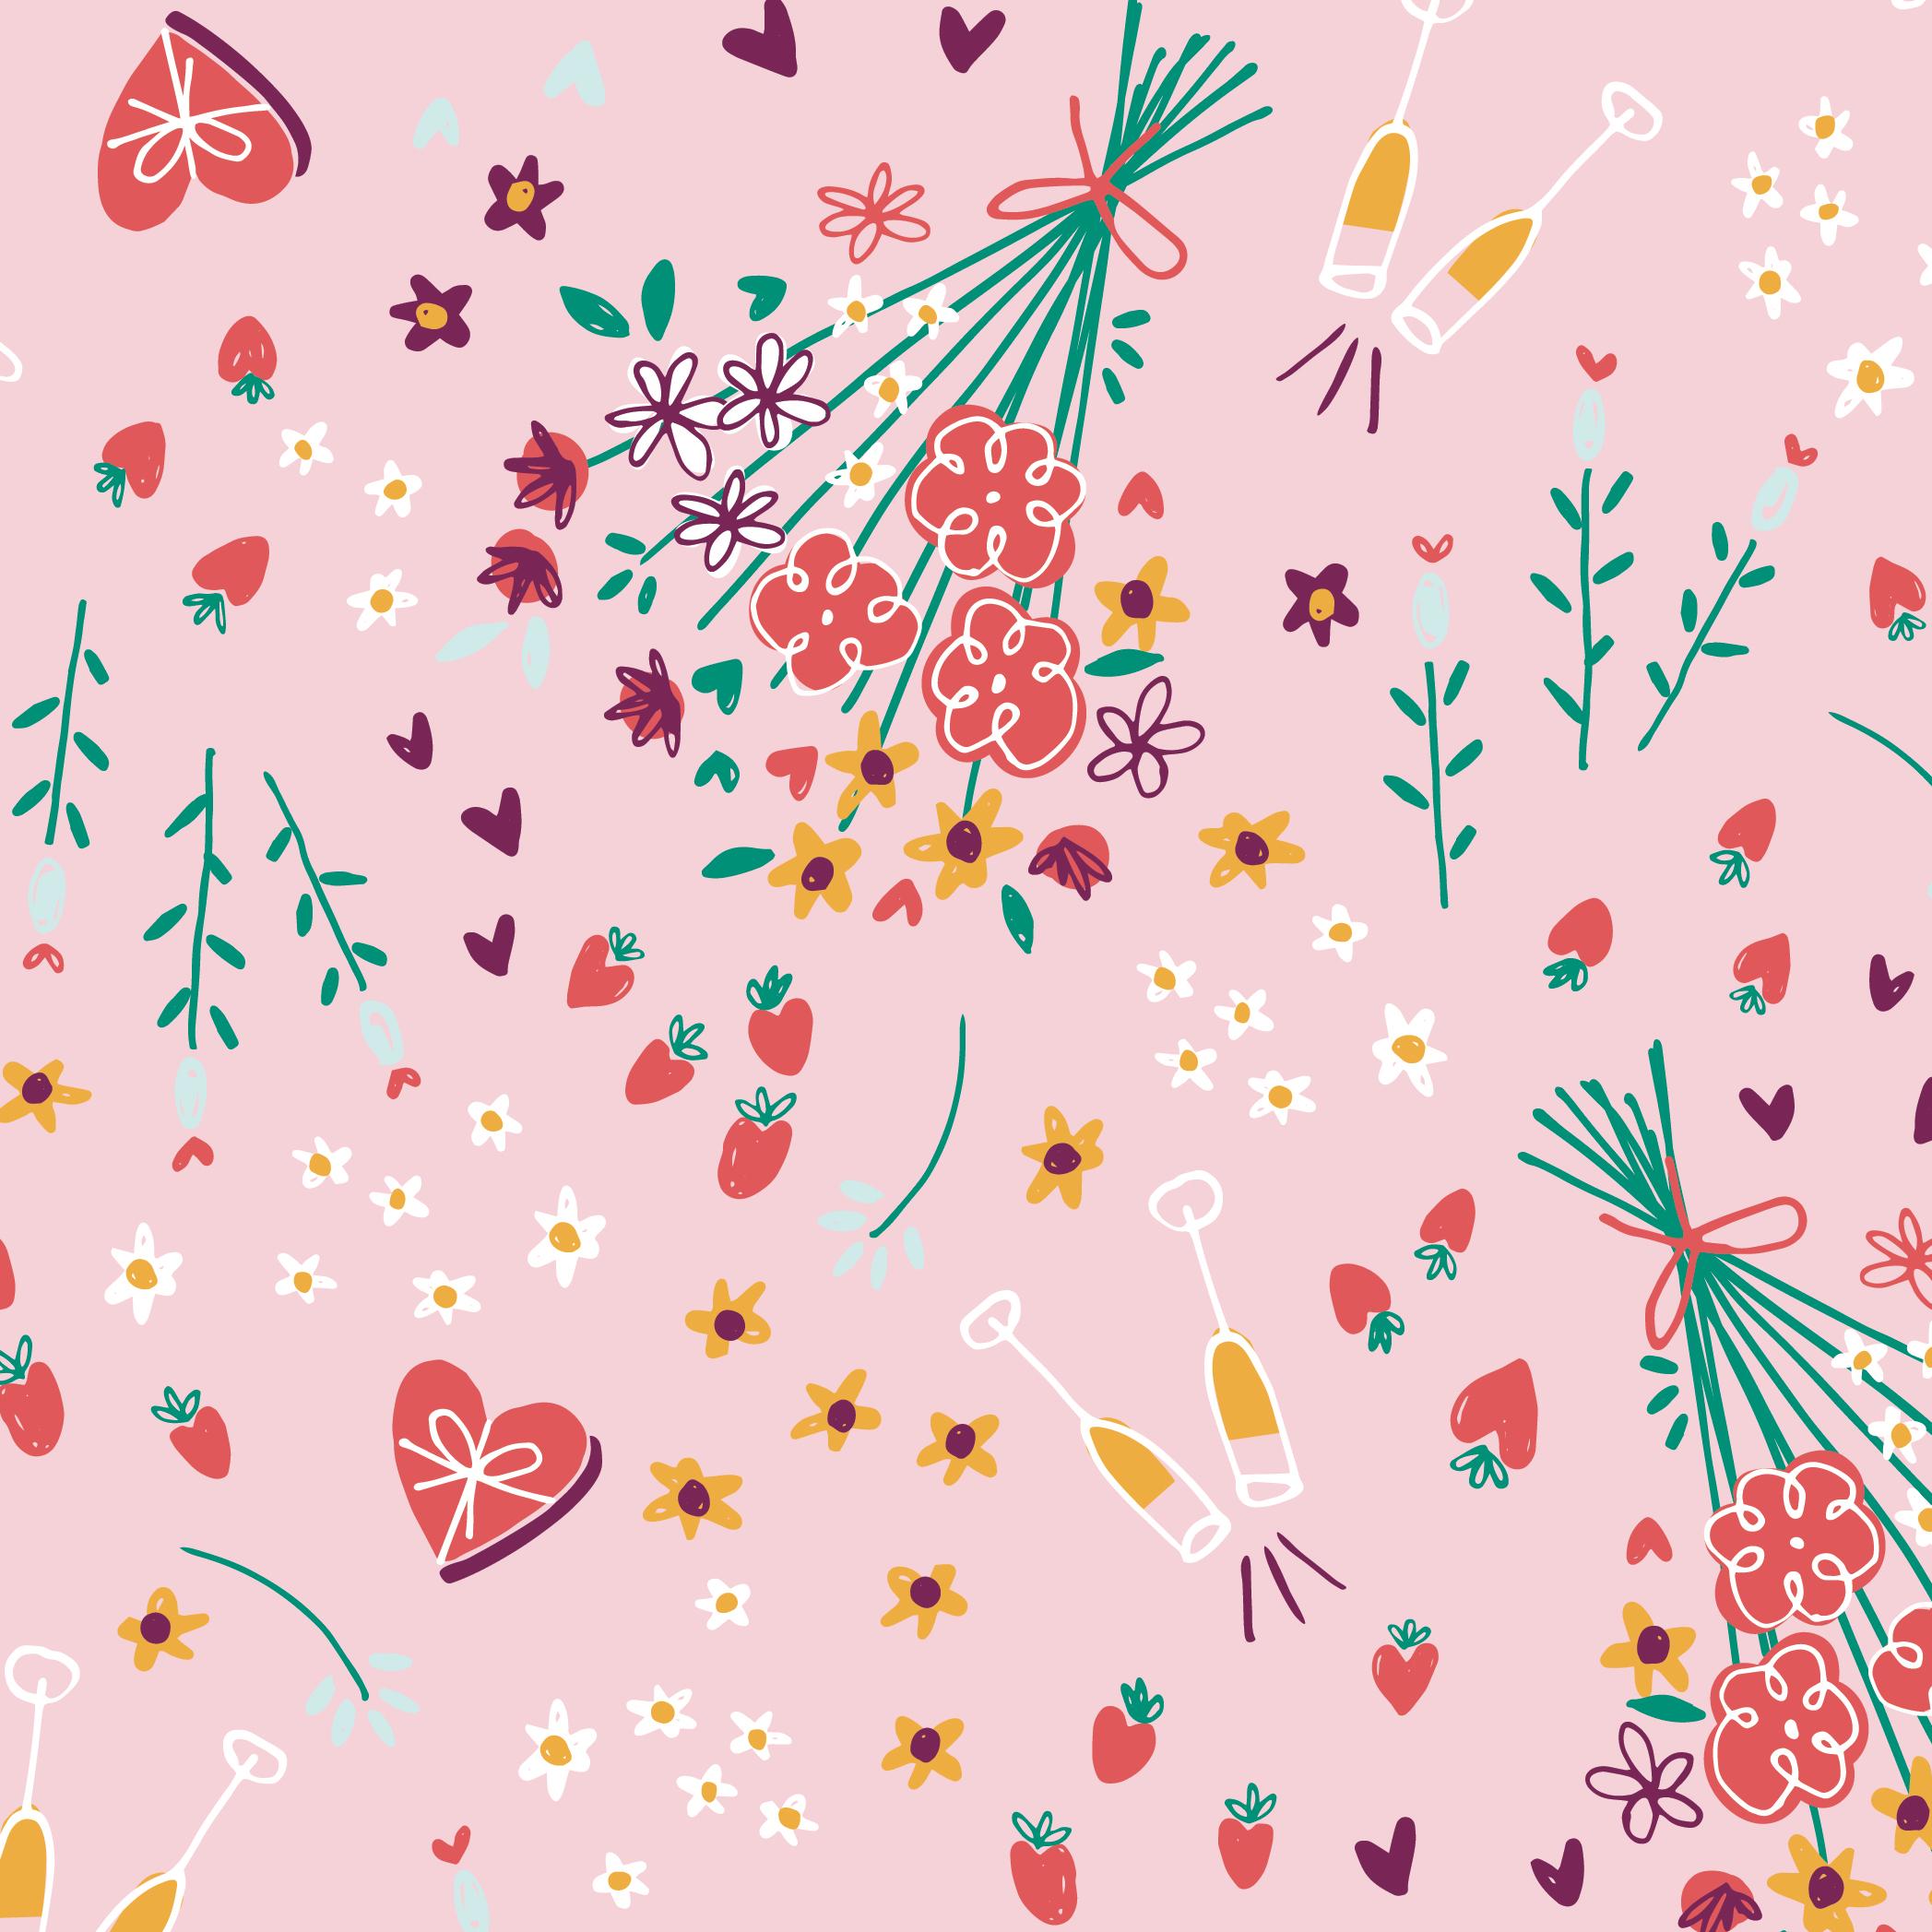 Valentine Bouquet-S306-01.jpg